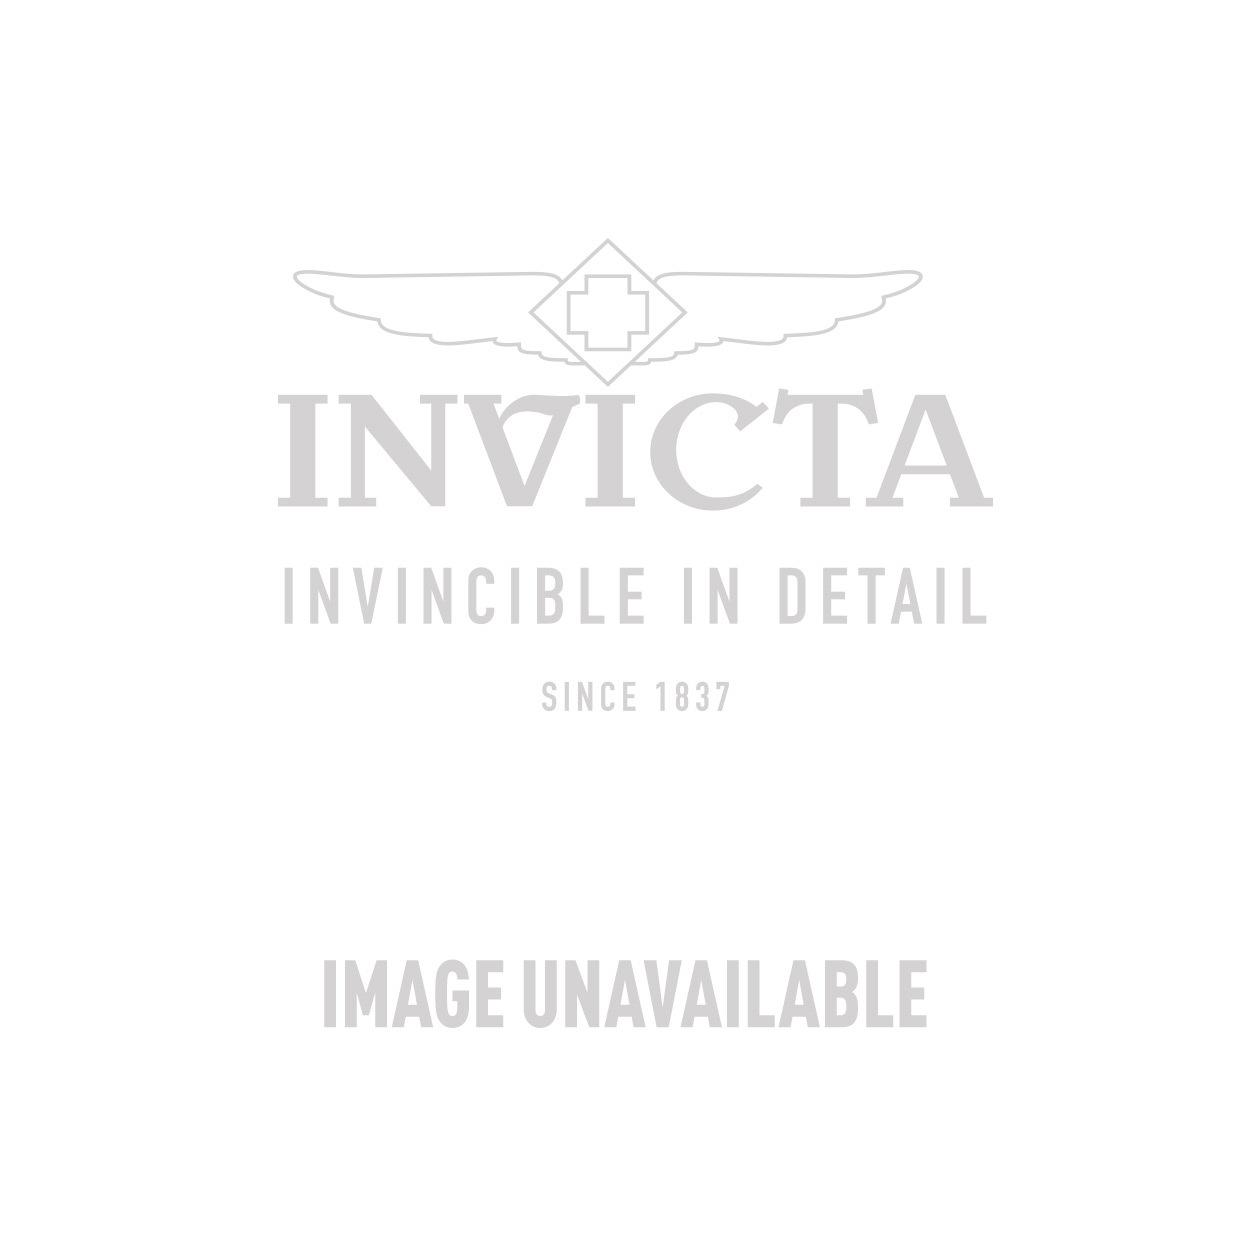 Invicta Model 24333